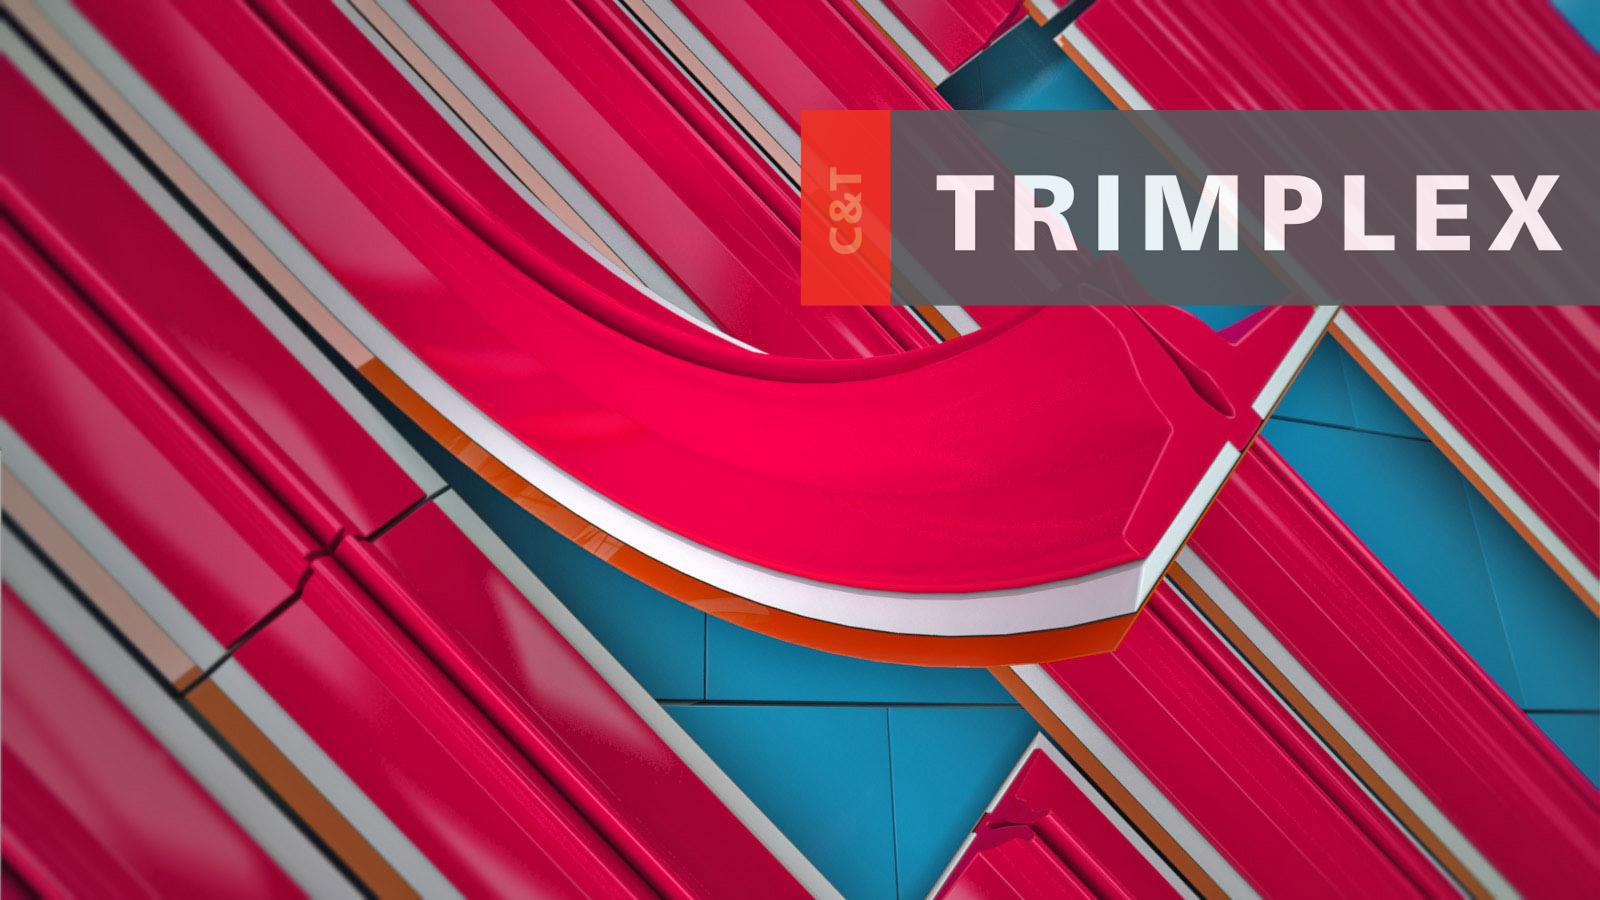 Trimplex_banner.jpg